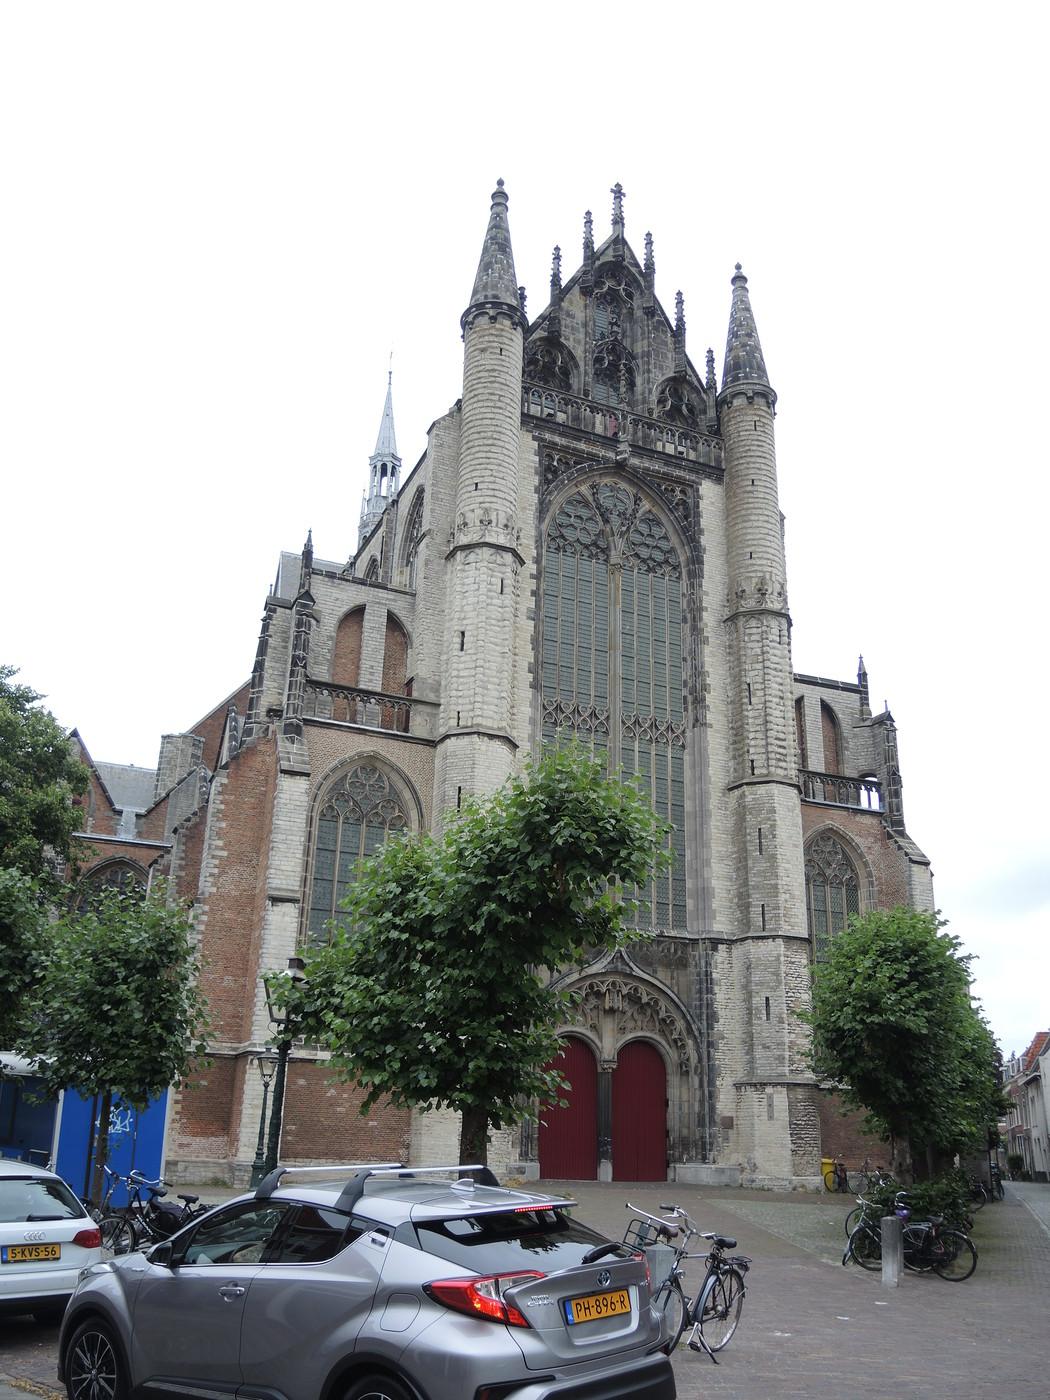 20170716 163147_Leiden_Leiden_NLD.JPG